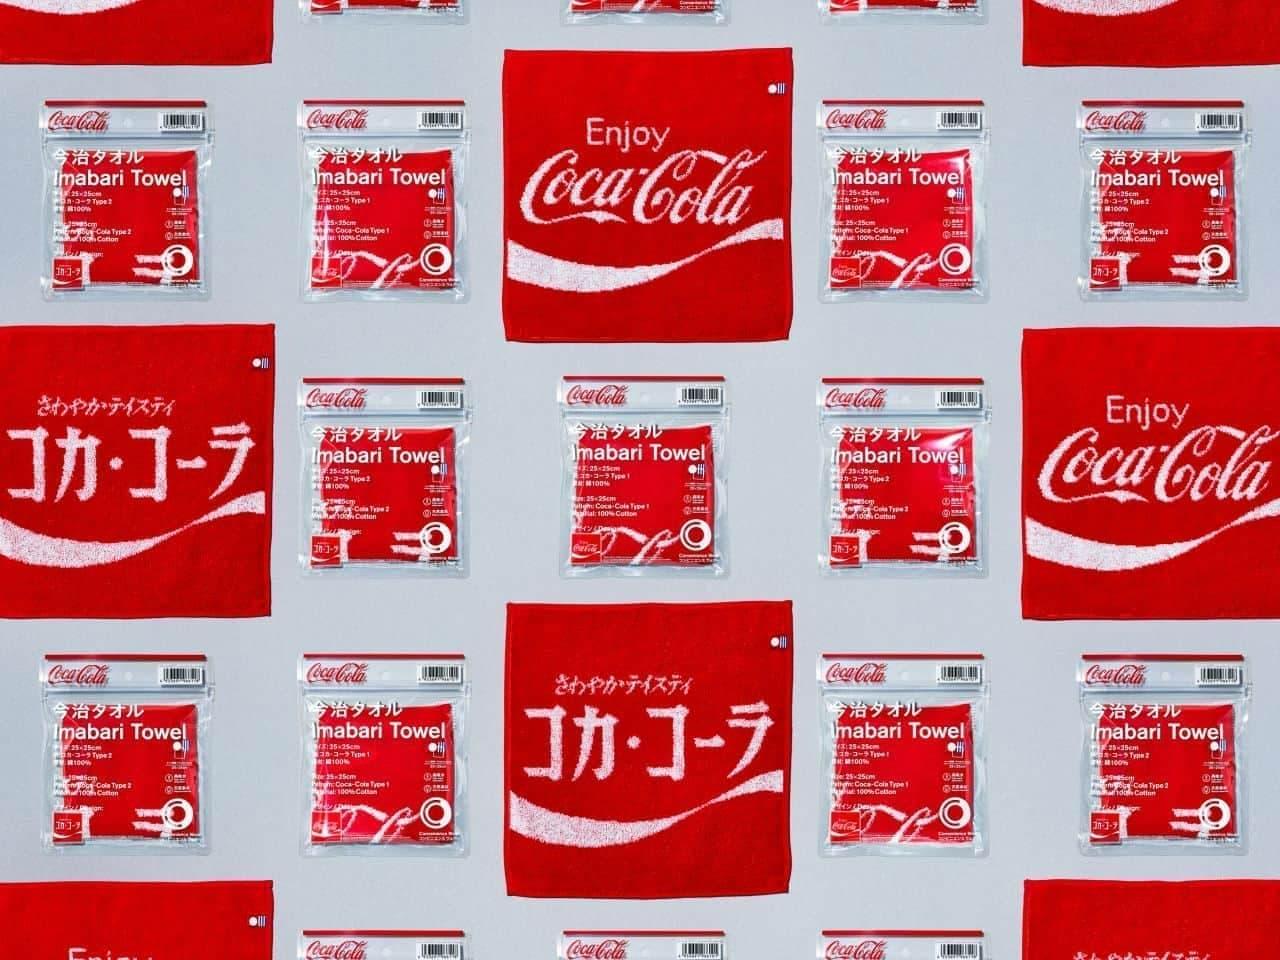 ファミリーマートコンビニエンスウェア「今治タオル コカ・コーラ」